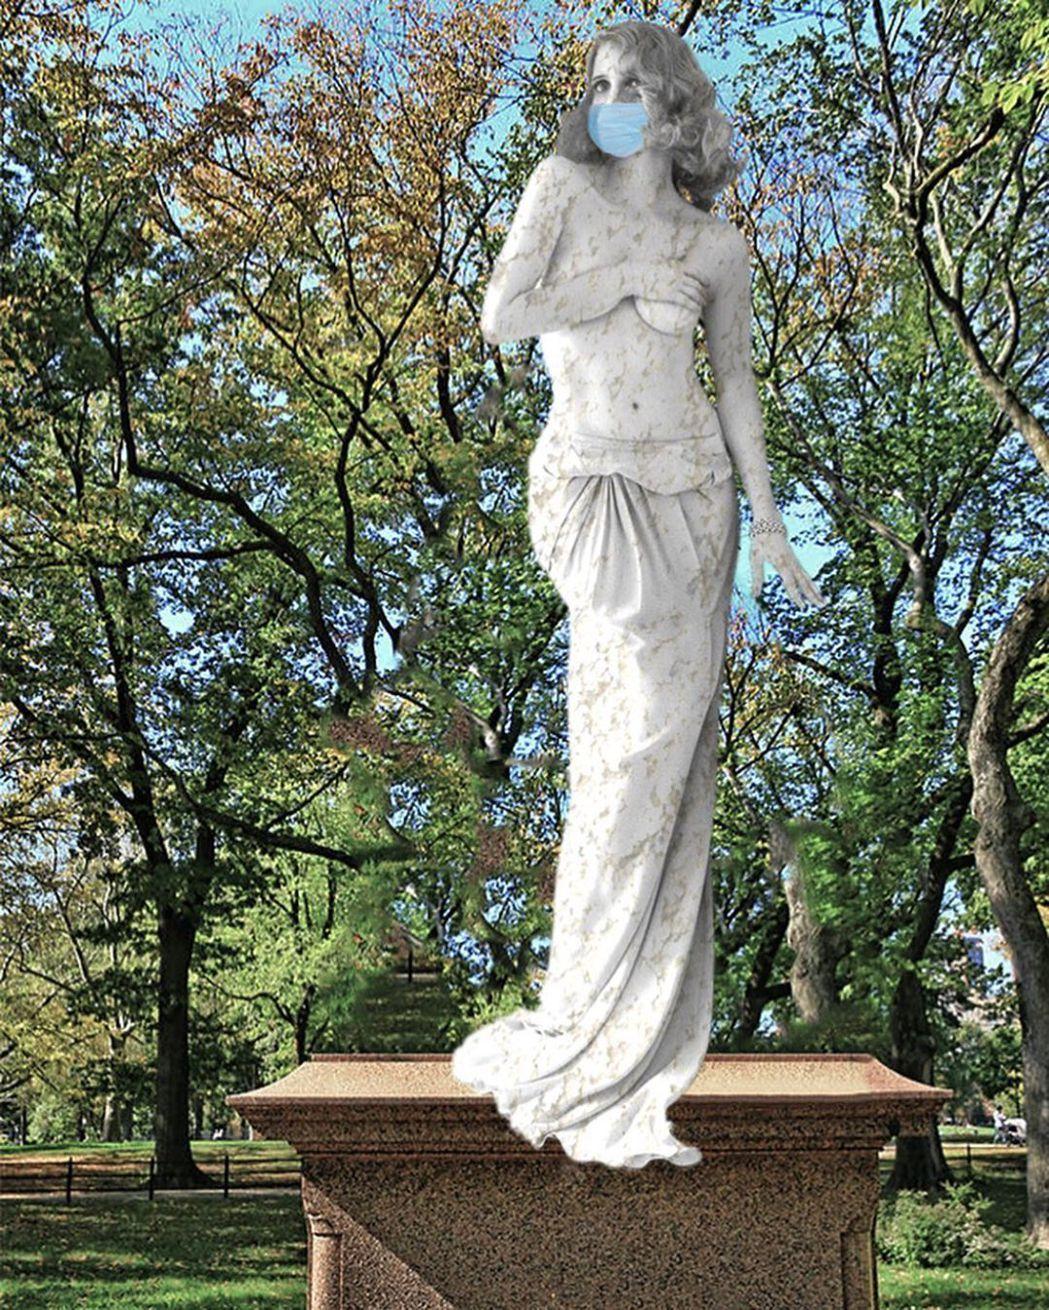 和潔西卡雀絲坦造型、動作類似的雕像,卻有戴口罩。圖/摘自Instagram